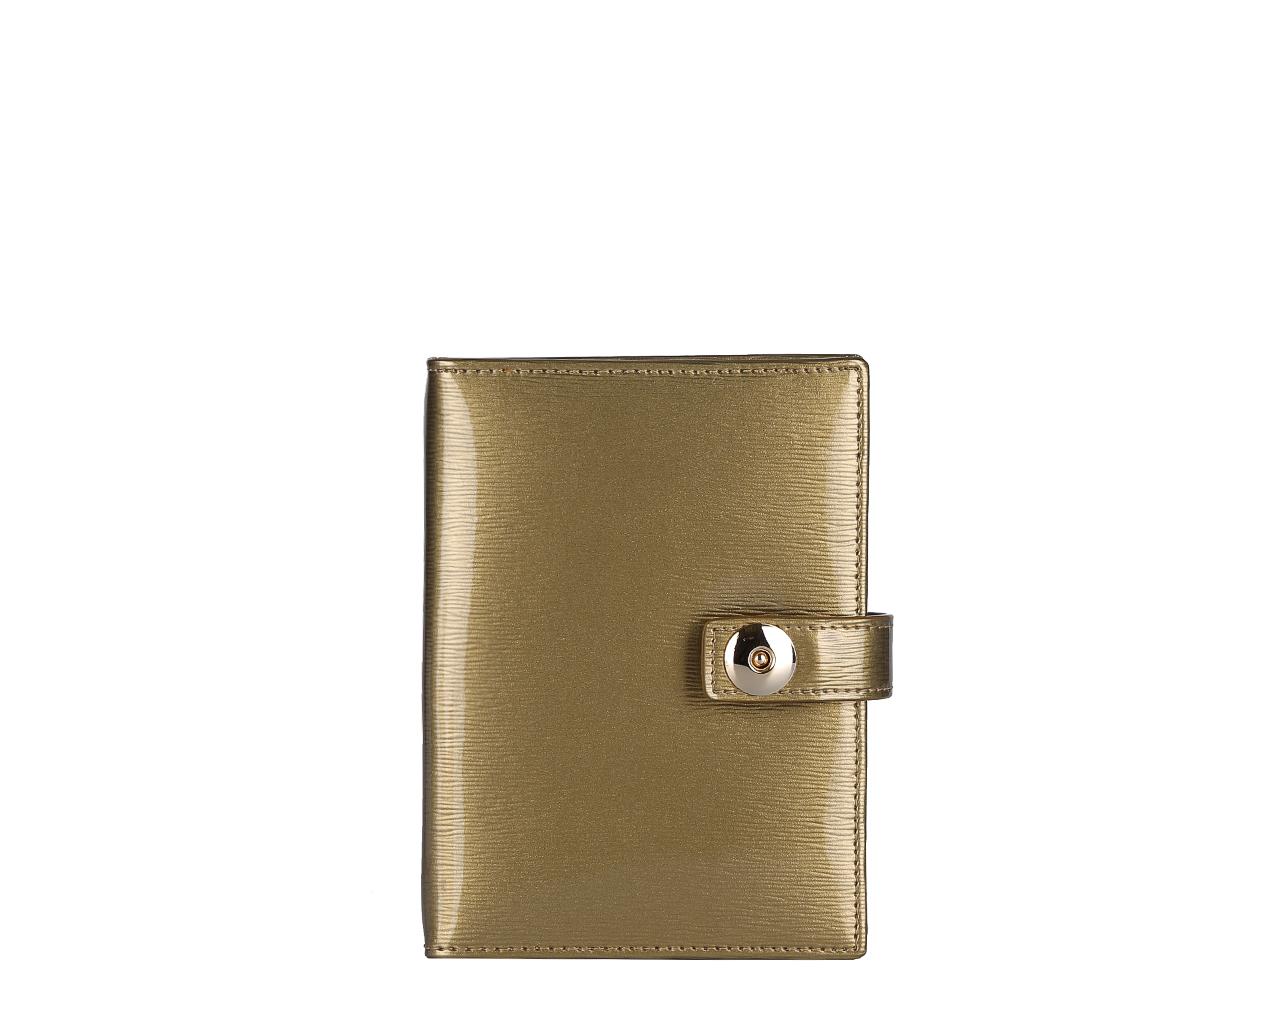 Обложка для документов женская Leo Ventoni, цвет: золотистый. L330841L330841 gold/tanСтильная обложка для автодокументов Leo Ventoni выполнена из натуральной лакированной кожи и дополнена металлической фурнитурой. Изделие раскладывается пополам и закрывается хлястиком на магнитную кнопку. Внутри размещен вкладыш с шестью файлами для автодокументов, четыре кармана для кредитных карт, два накладных кармана, один из которых прозрачный. Изделие поставляется в фирменной упаковке. Оригинальная обложка для автодокументов Leo Ventoni станет отличным подарком для человека, ценящего качественные и практичные вещи.